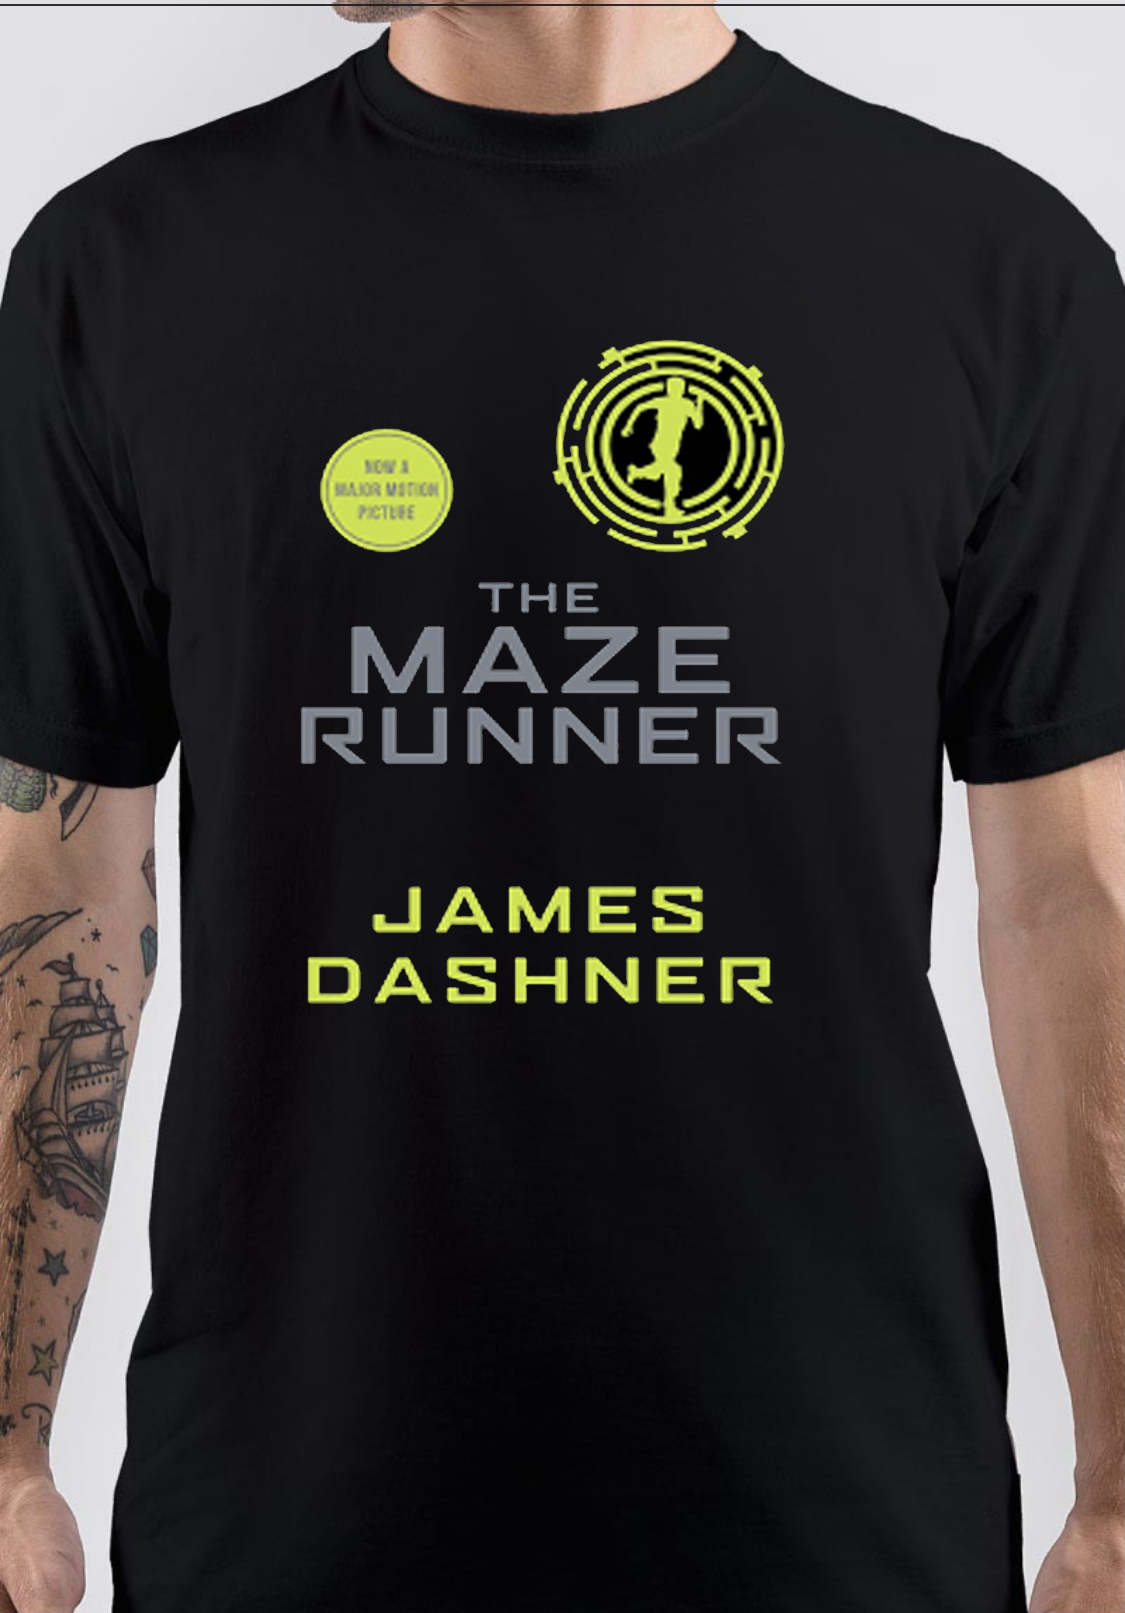 Maze Runner T-Shirt And Merchandise